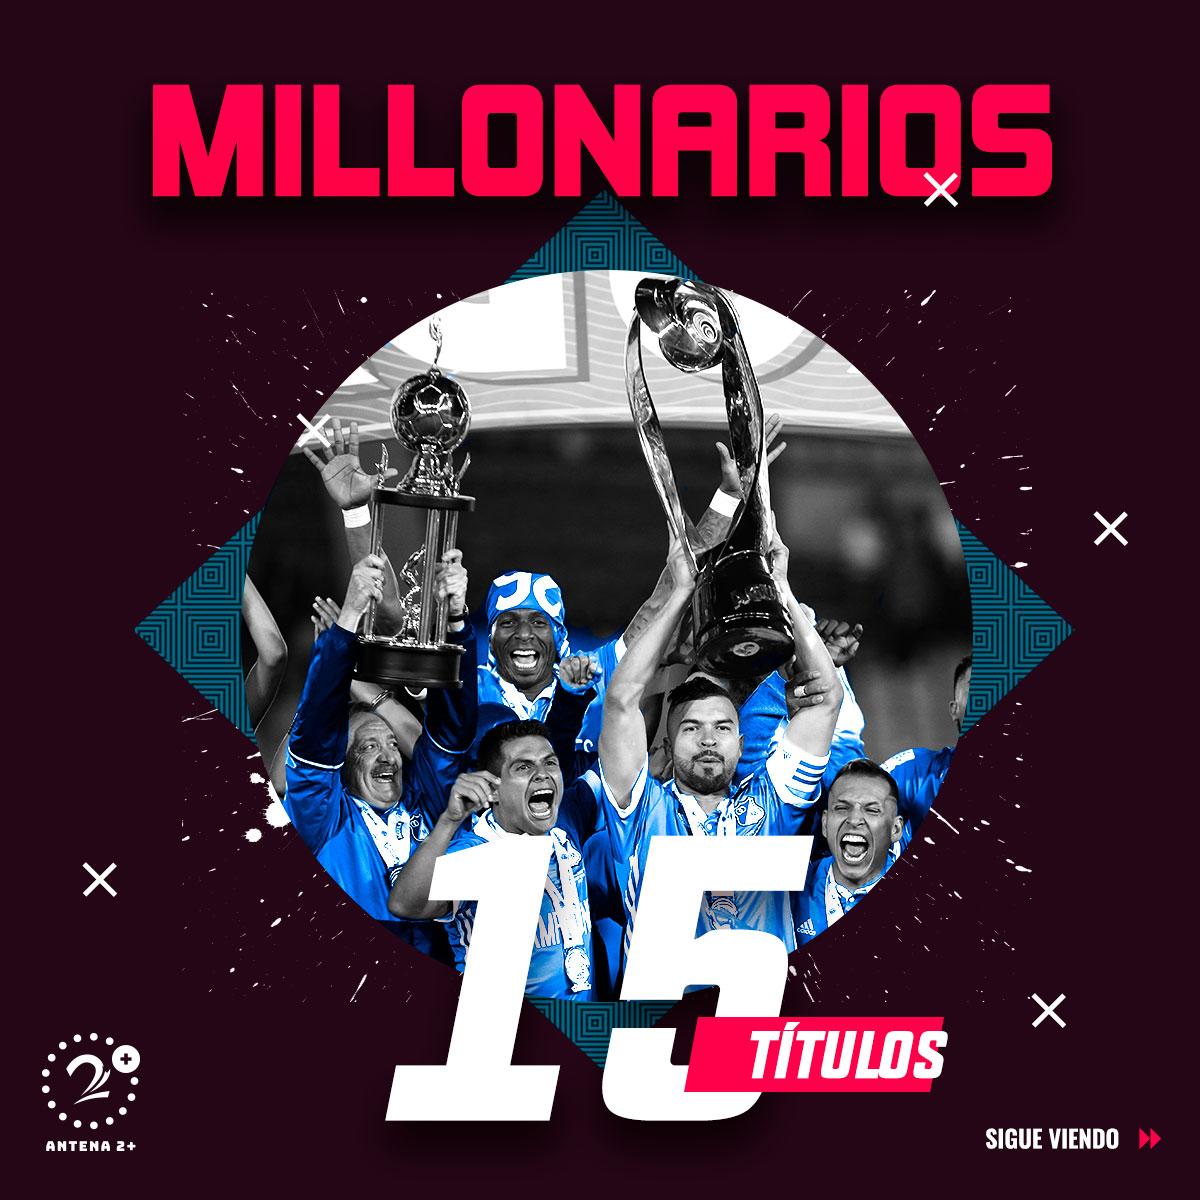 Millonarios - 15